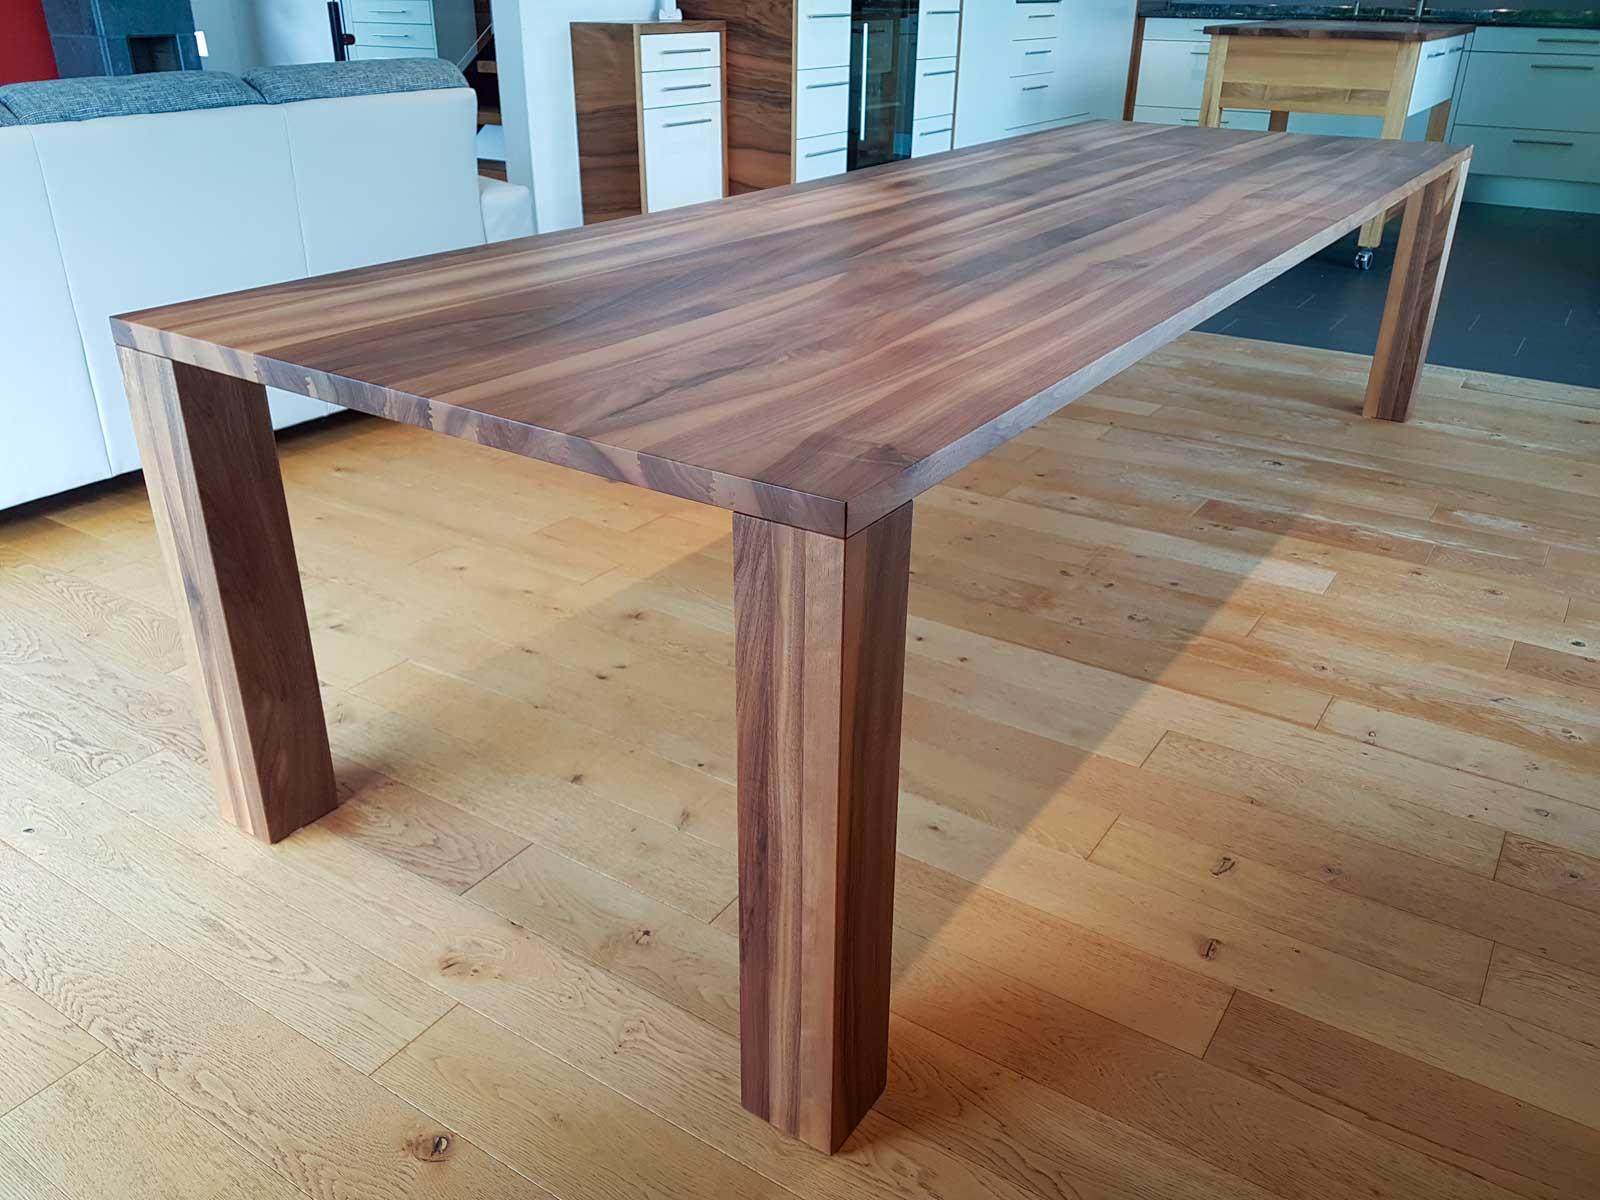 Wooddesign_Tisch-Nussbaum massiv_lange Ausführung (1)